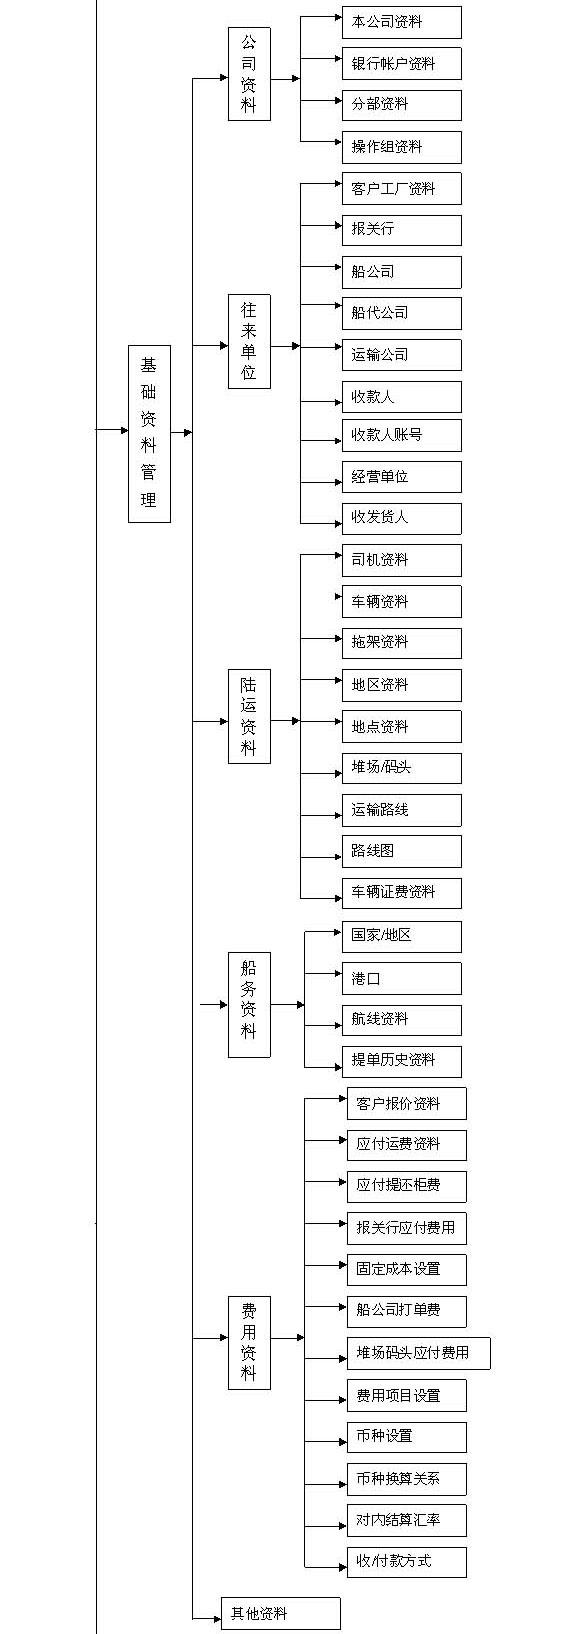 港口物流综合管理软件-标准版-1_05